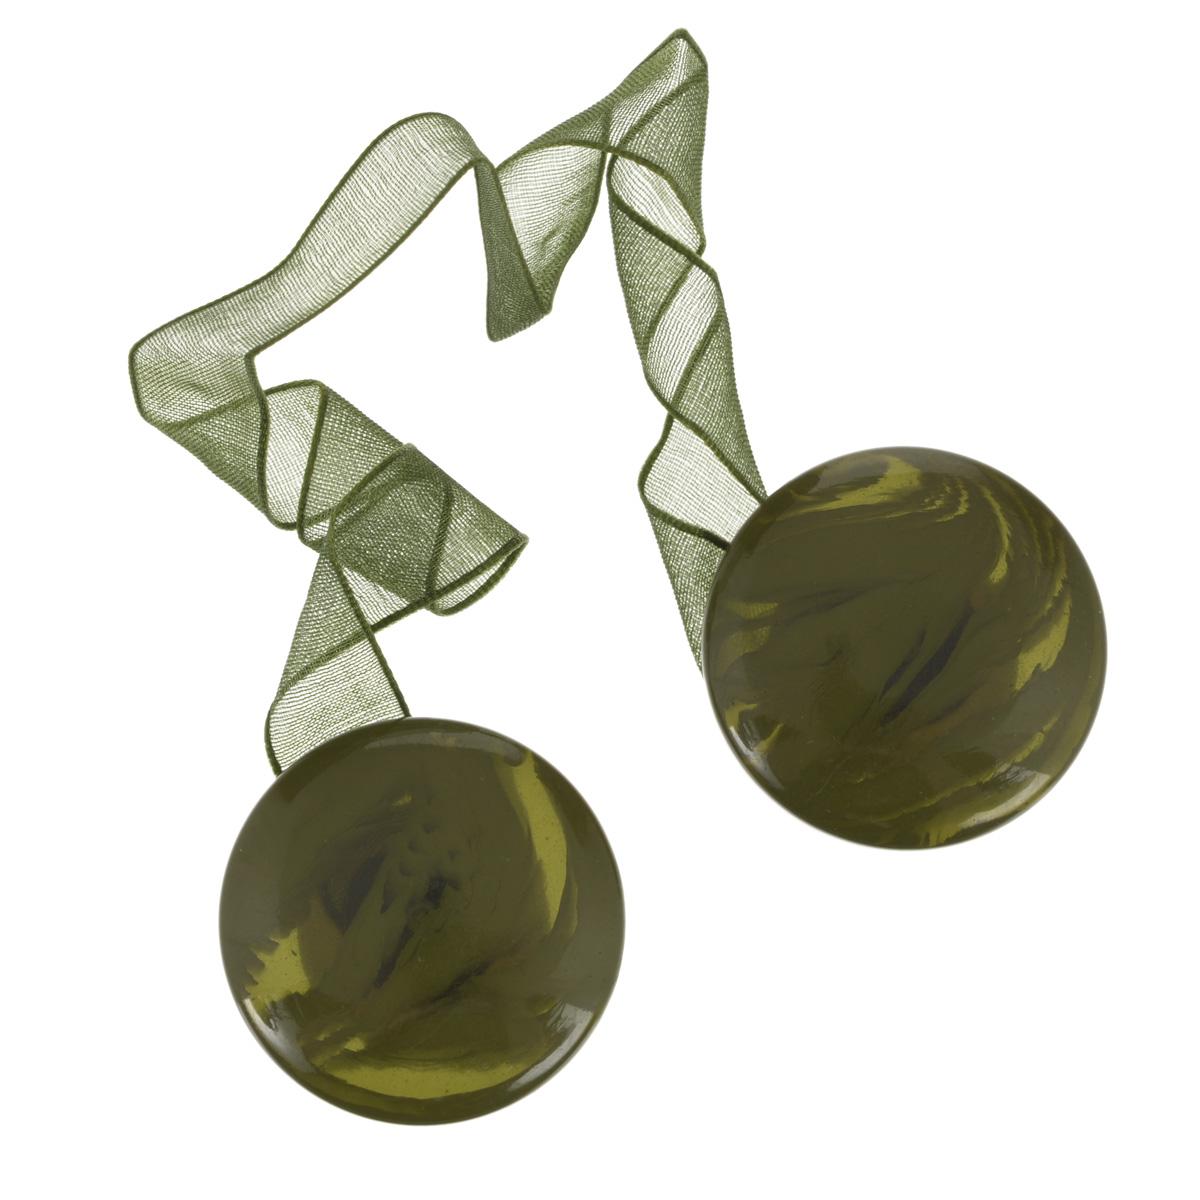 Клипса-магнит для штор Calamita Fiore, цвет: хаки. 77040267704026_698Клипса-магнит Calamita Fiore, изготовленная из пластика, предназначена для придания формы шторам. Изделие представляет собой два магнита круглой формы, расположенные на разных концах текстильной ленты. С помощью такой магнитной клипсы можно зафиксировать портьеры, придать им требуемое положение, сделать складки симметричными или приблизить портьеры, скрепить их. Клипсы для штор являются универсальным изделием, которое превосходно подойдет как для штор в детской комнате, так и для штор в гостиной. Следует отметить, что клипсы для штор выполняют не только практическую функцию, но также являются одной из основных деталей декора этого изделия, которая придает шторам восхитительный, стильный внешний вид.